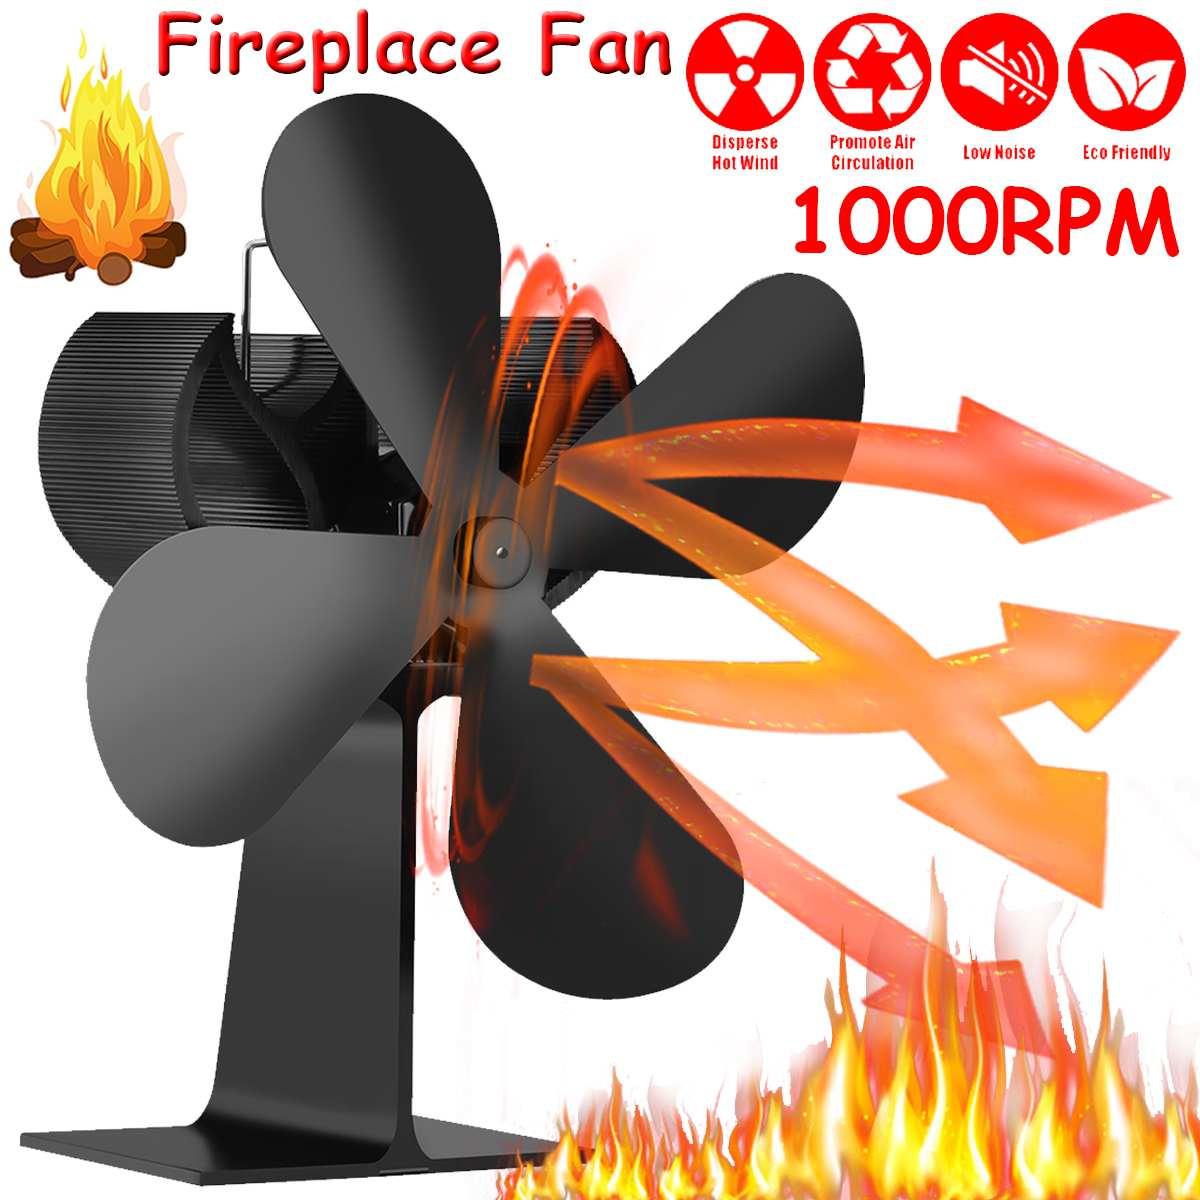 أسود الموقد 4 شفرات الحرارة بالطاقة موقد مروحة قطعة خشبية سميكة الموقد هادئة توزيع الحرارة الموقد مروحة الحطب موقد مروحة